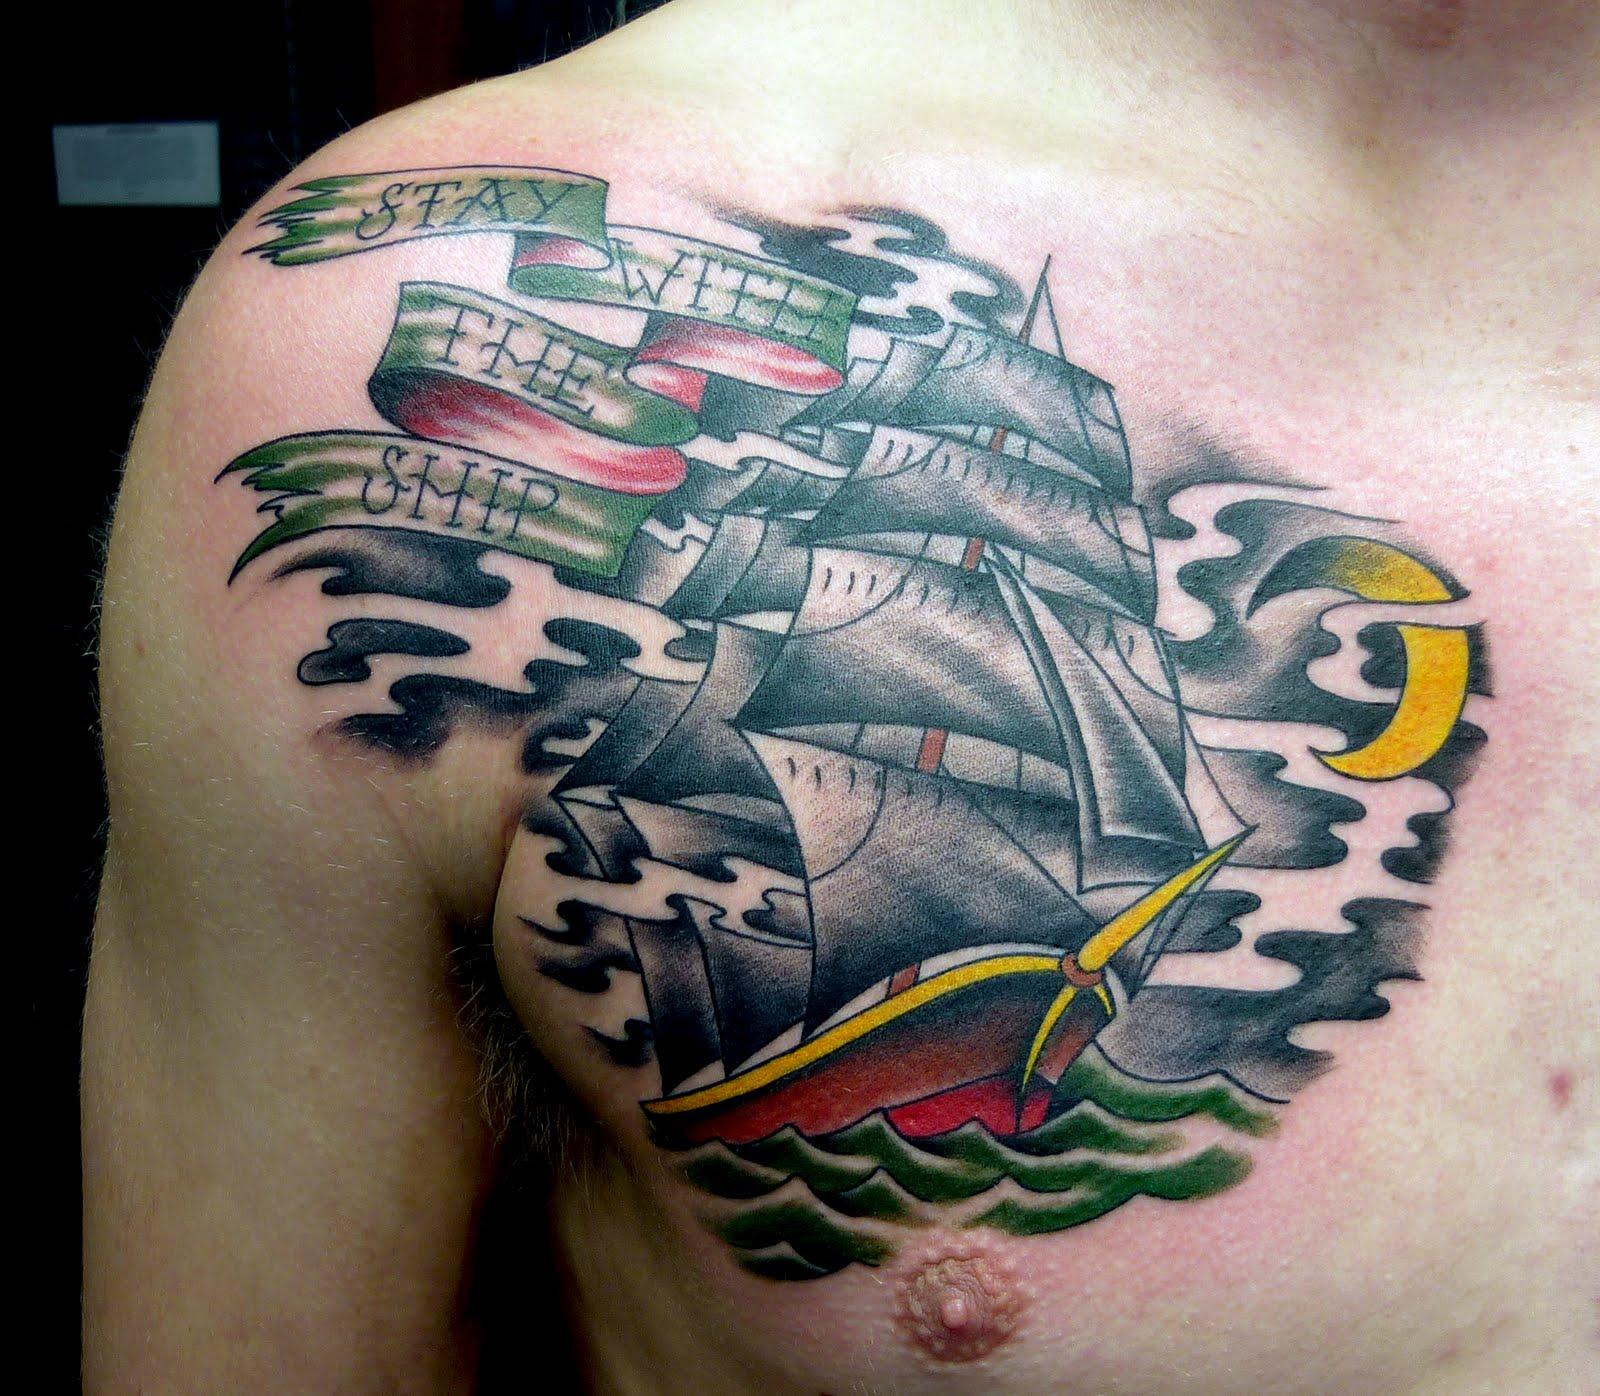 http://4.bp.blogspot.com/-Zad1L6ywB9A/TuQl2ehokKI/AAAAAAAAAmc/KWeTqC08usQ/s1600/pirate+ship+tattoo.jpg